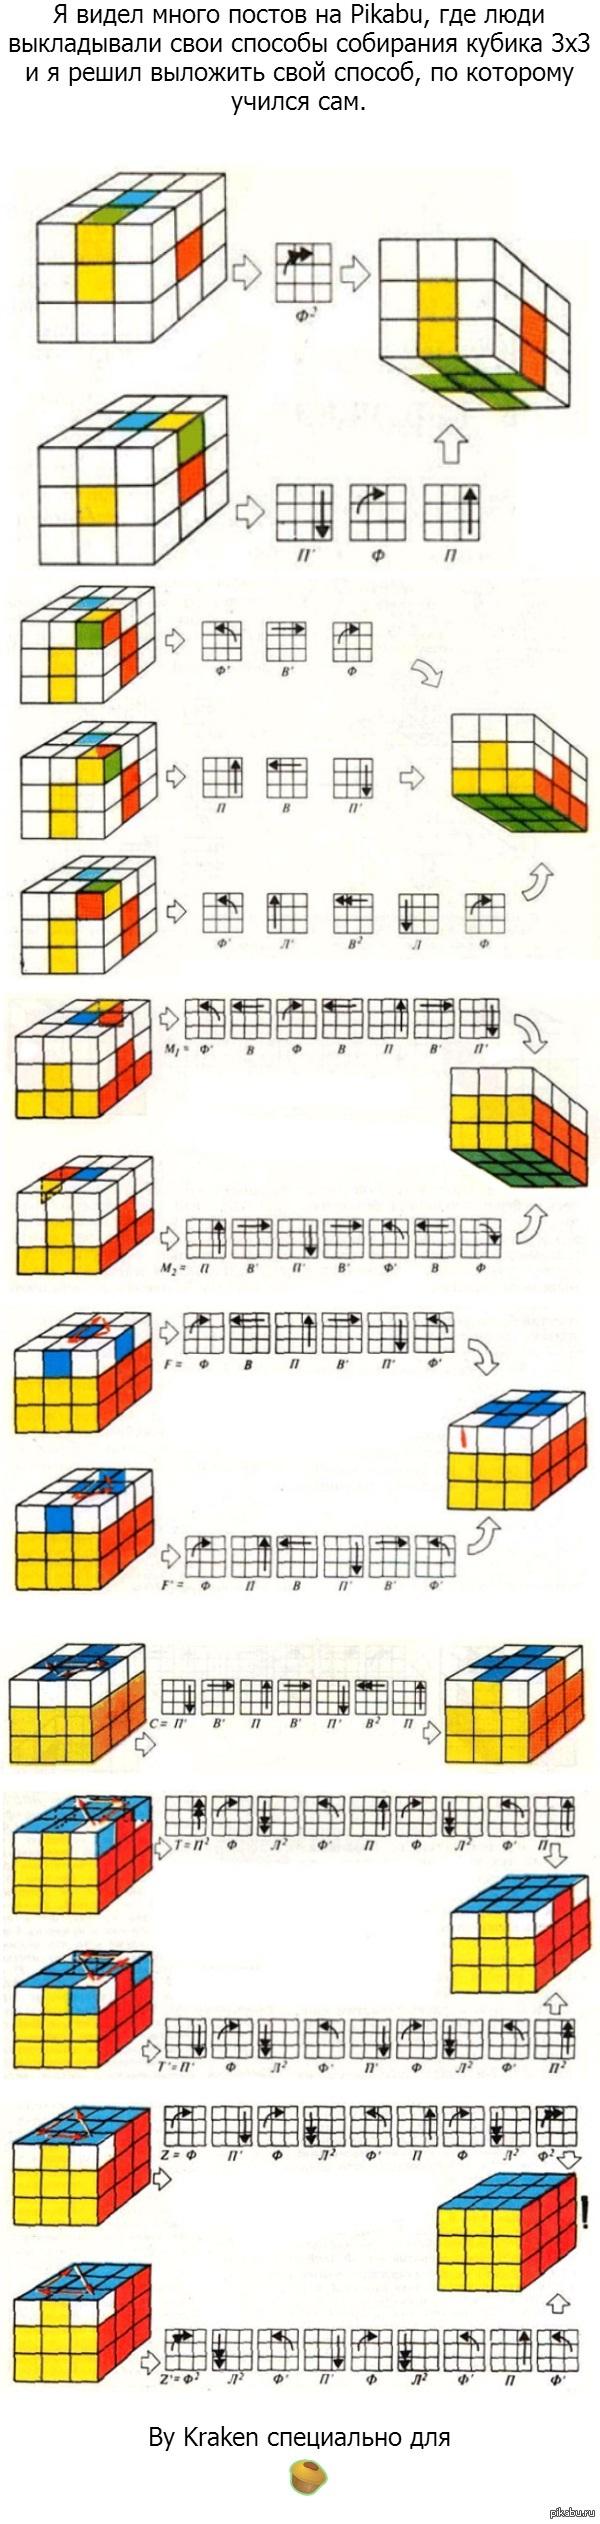 Схема сбора кубика рубика 3х3